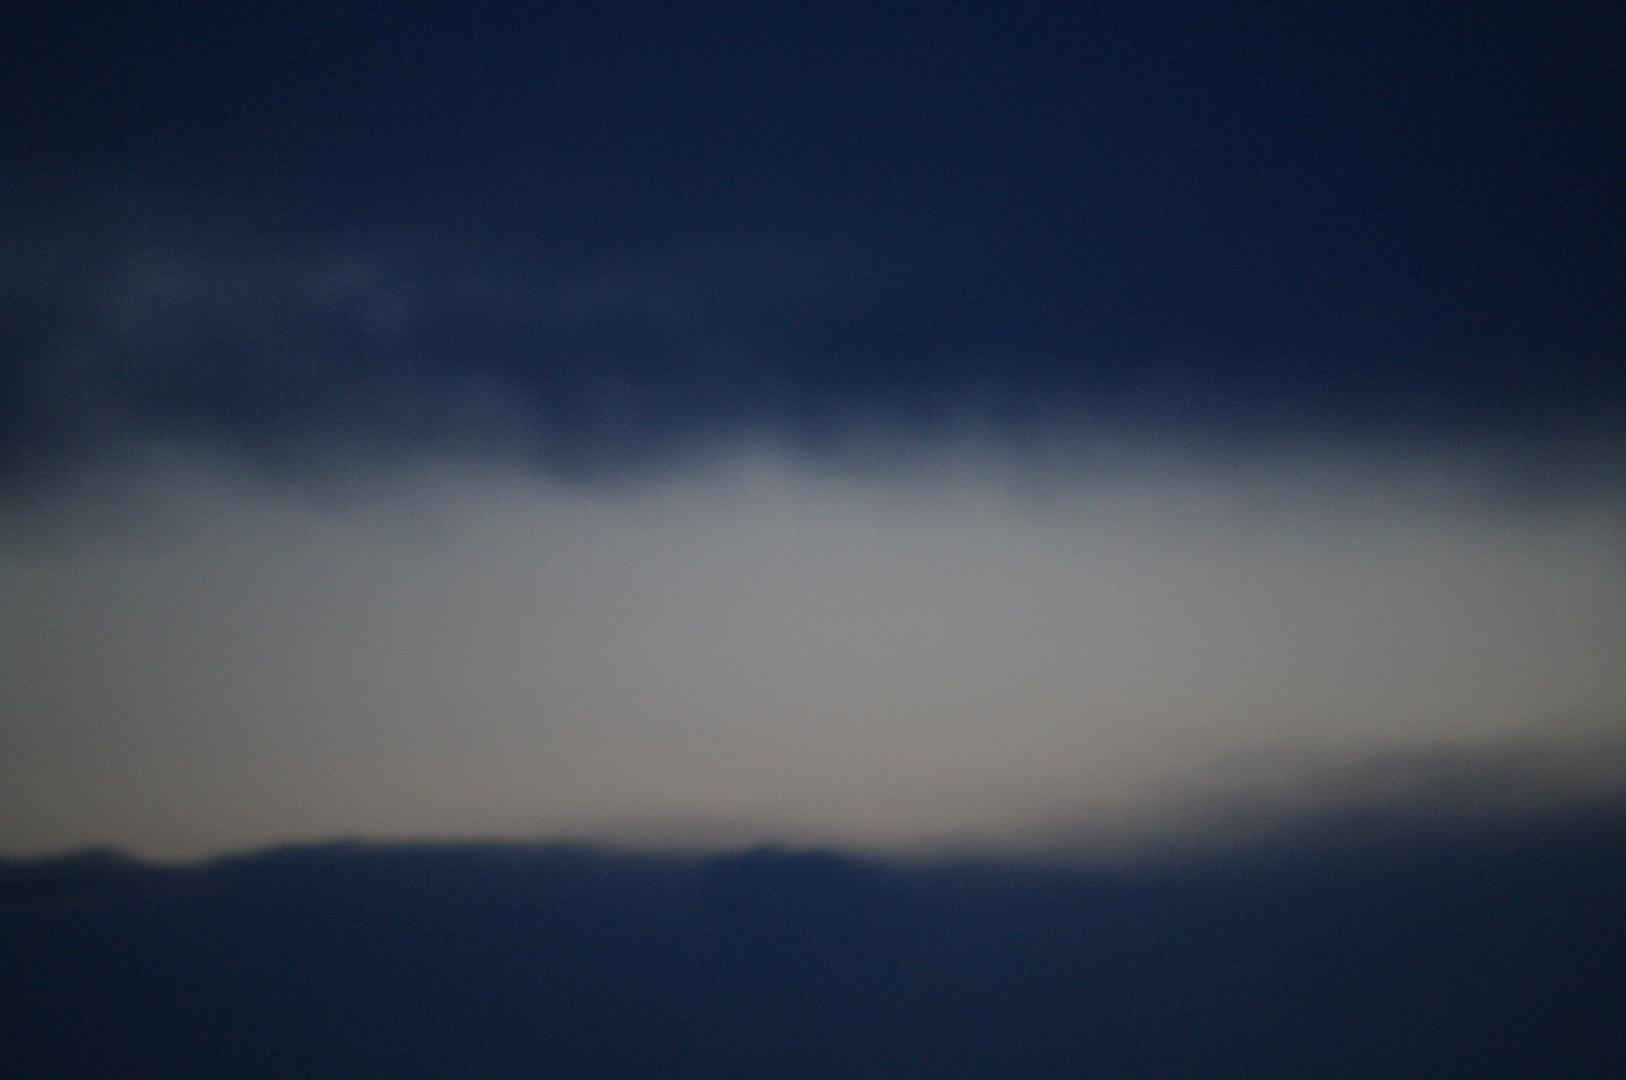 Rothko in the sky